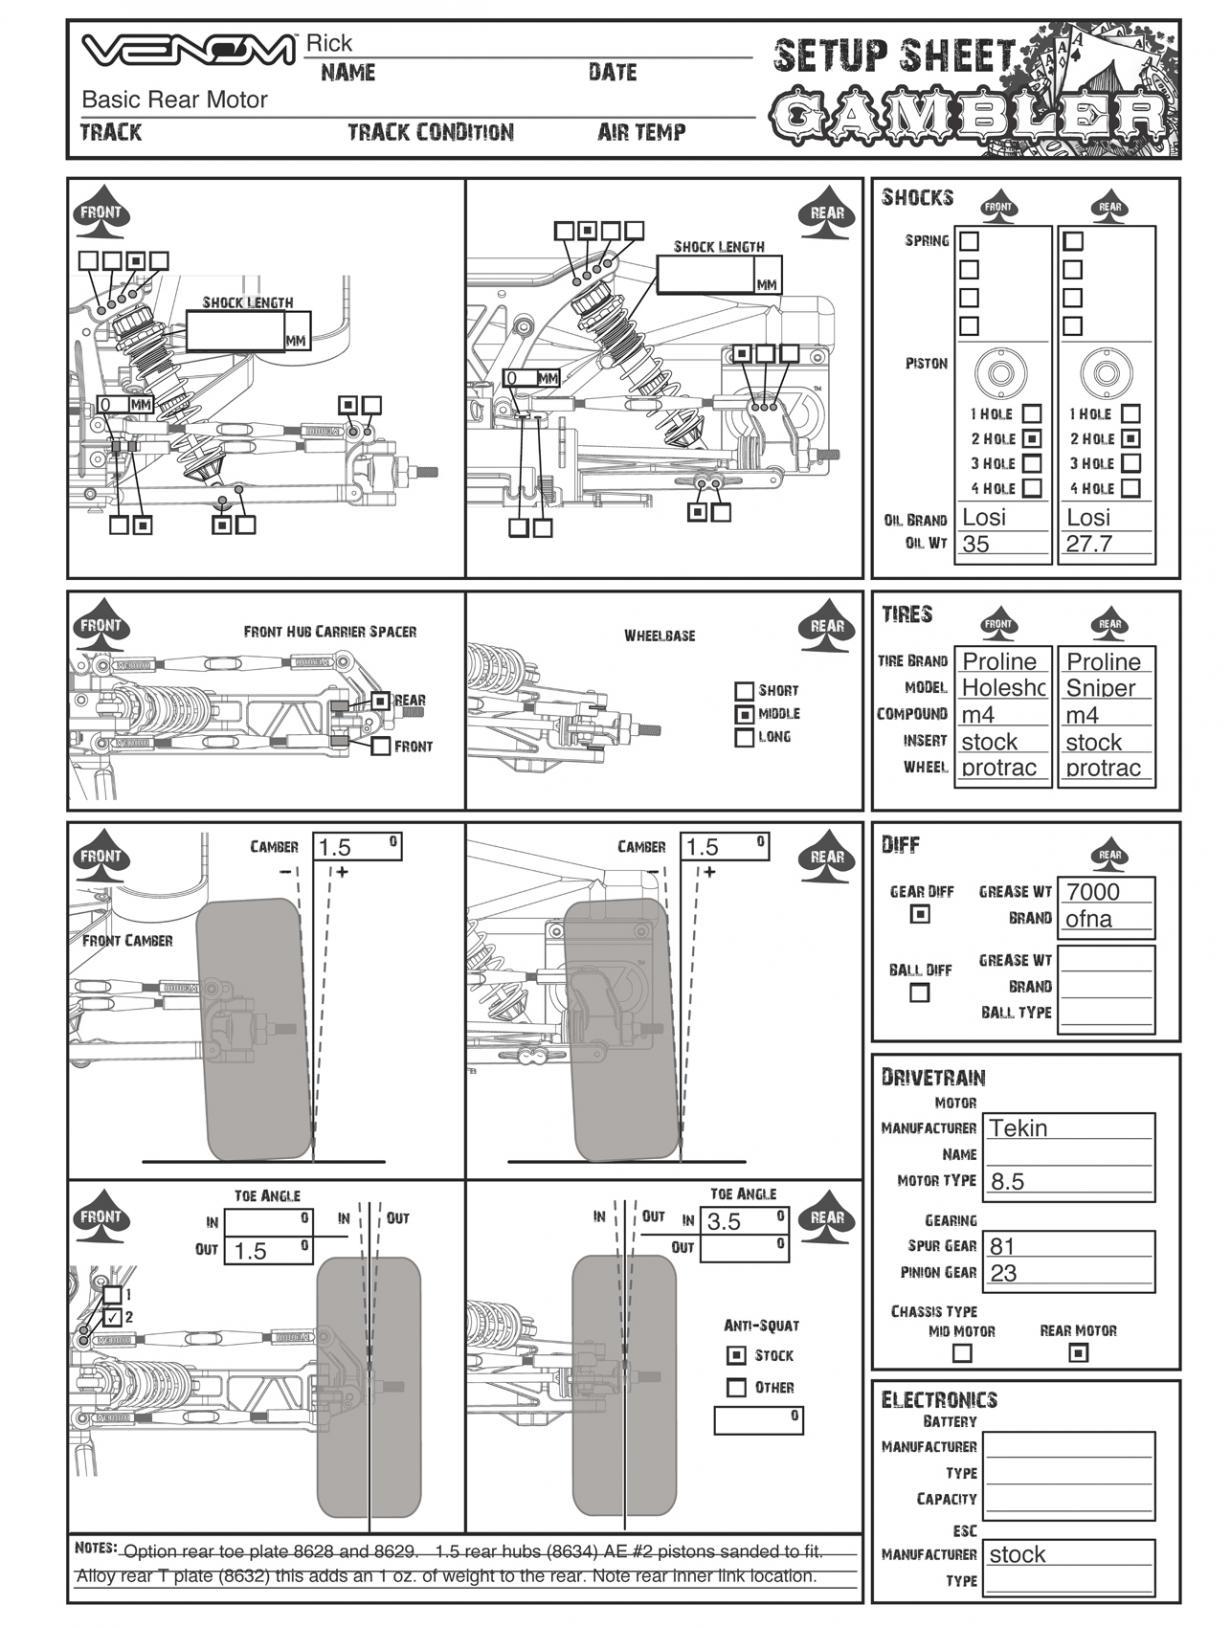 Sheet Music Setup Thread-gambler-setup-sheet